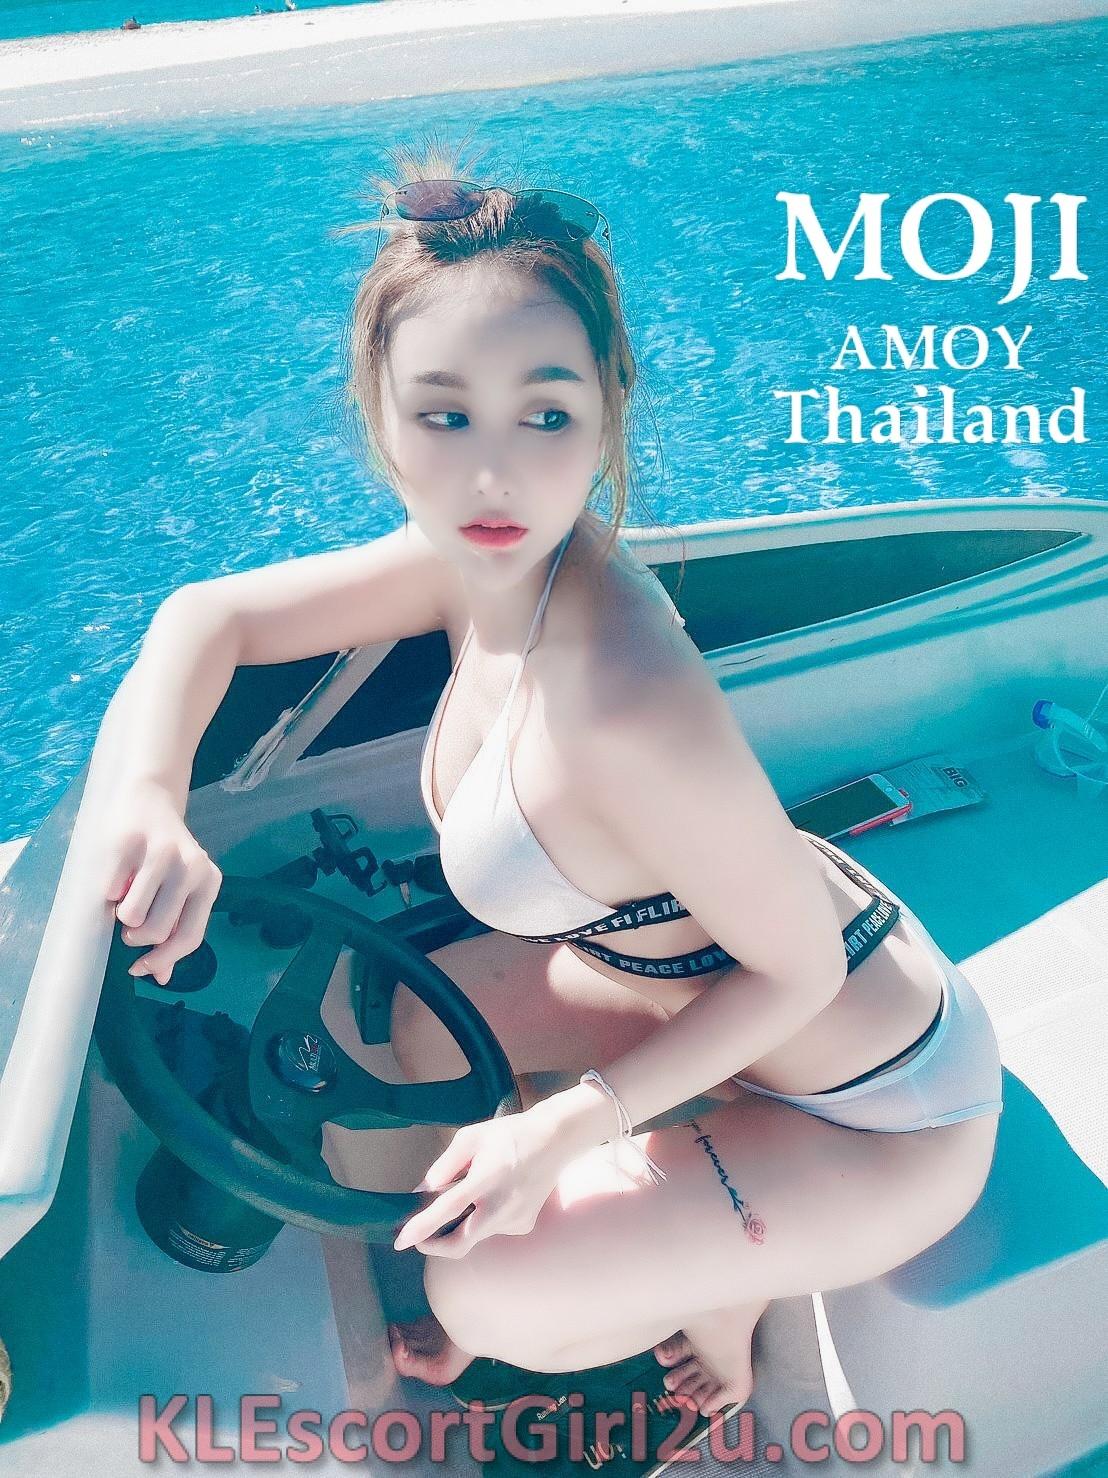 Kl Escort Much Hot Spicy Sexy Thai Girl - Moji